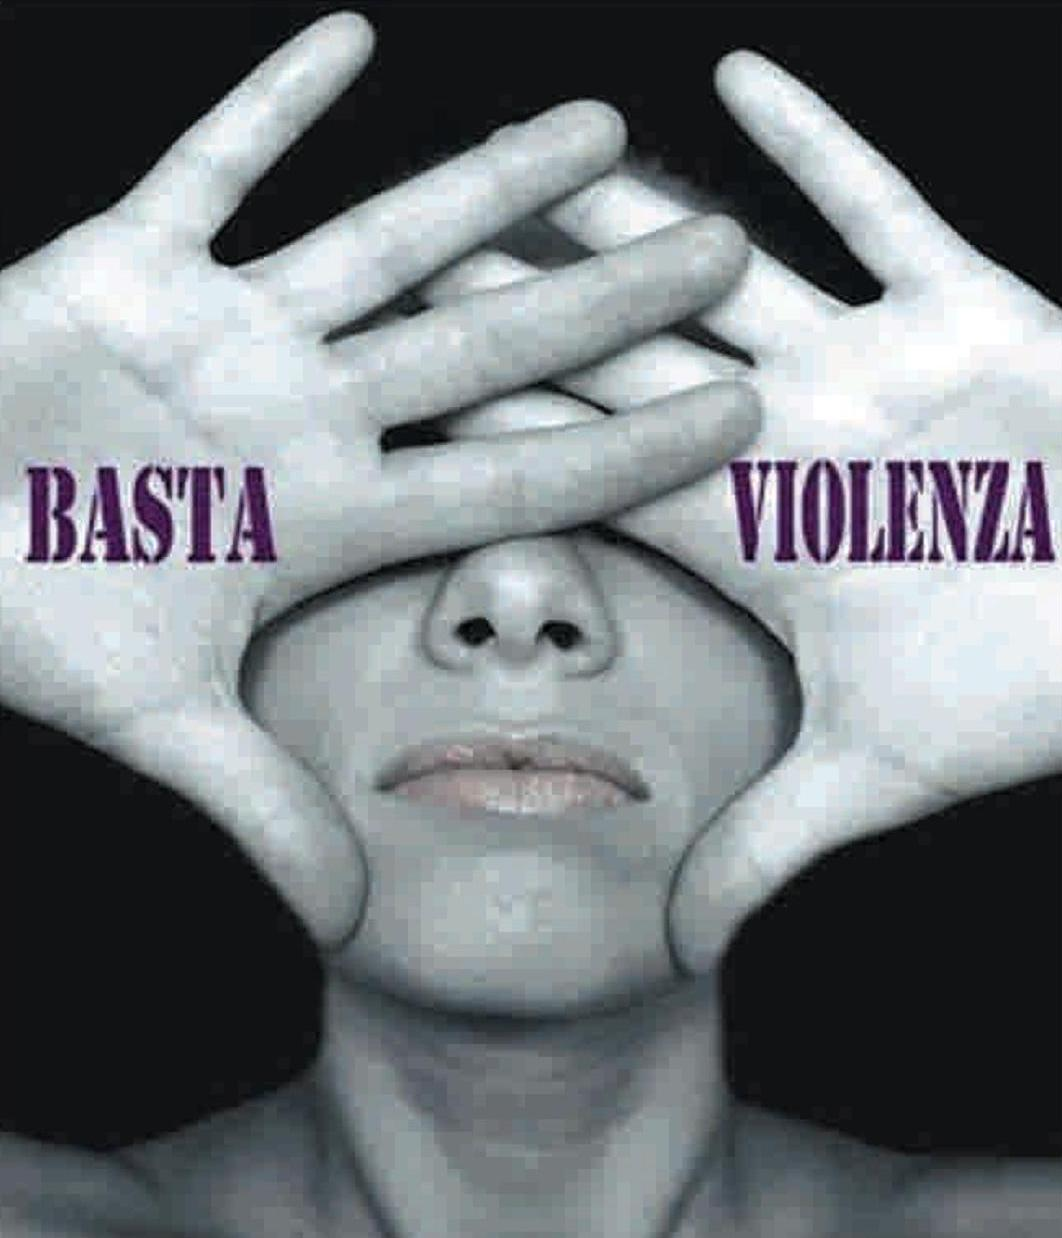 Finanziaria. Violenza di genere: ok emendamento PD in commissione Ars, 2 mln per ospitare le vittime in appositi centri